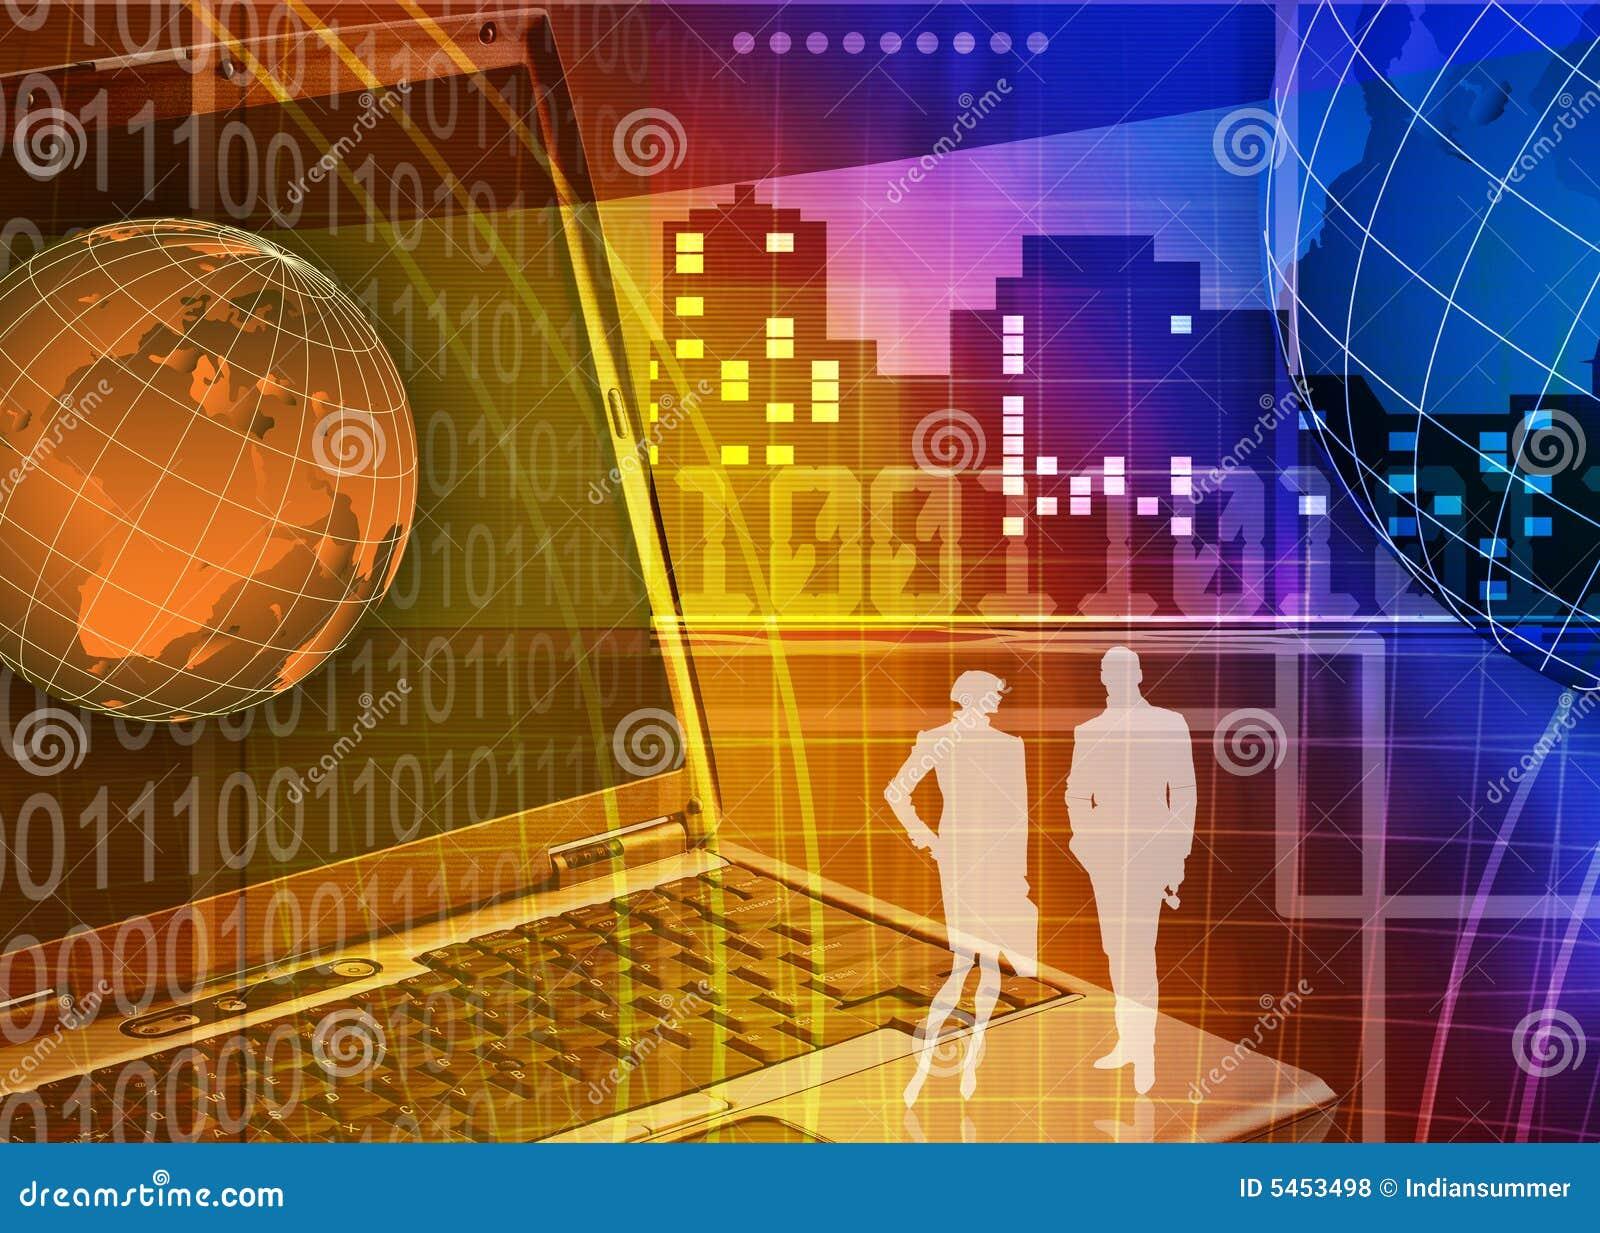 Abstracte zaken en de achtergrond van IT